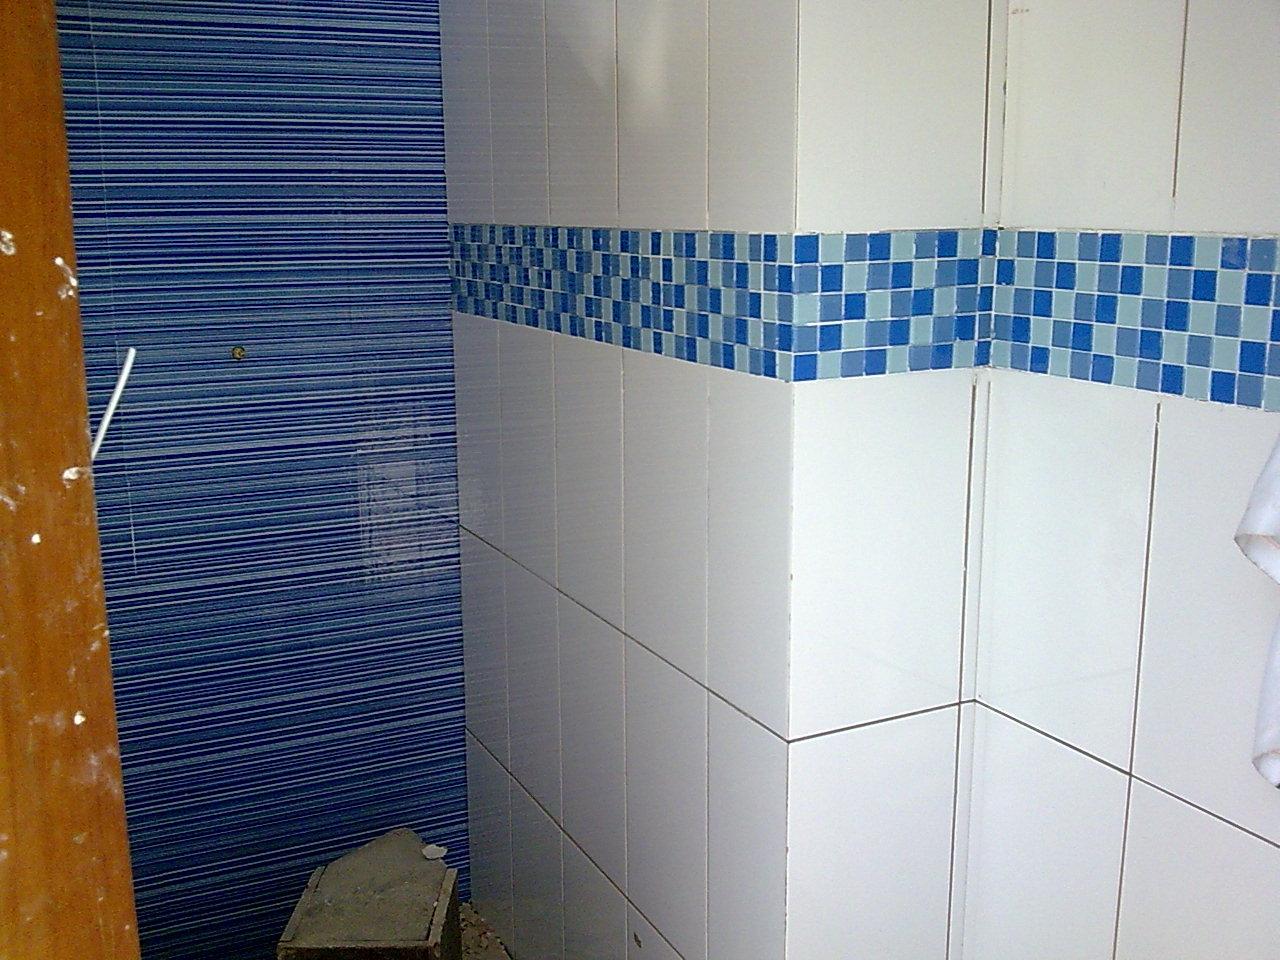 Pin Banheiro Pastilhas Listras Pastilha Tons Vermelho Pelautscom on  #83490D 1280x960 Banheiro Com Pastilhas De Vidro Azul